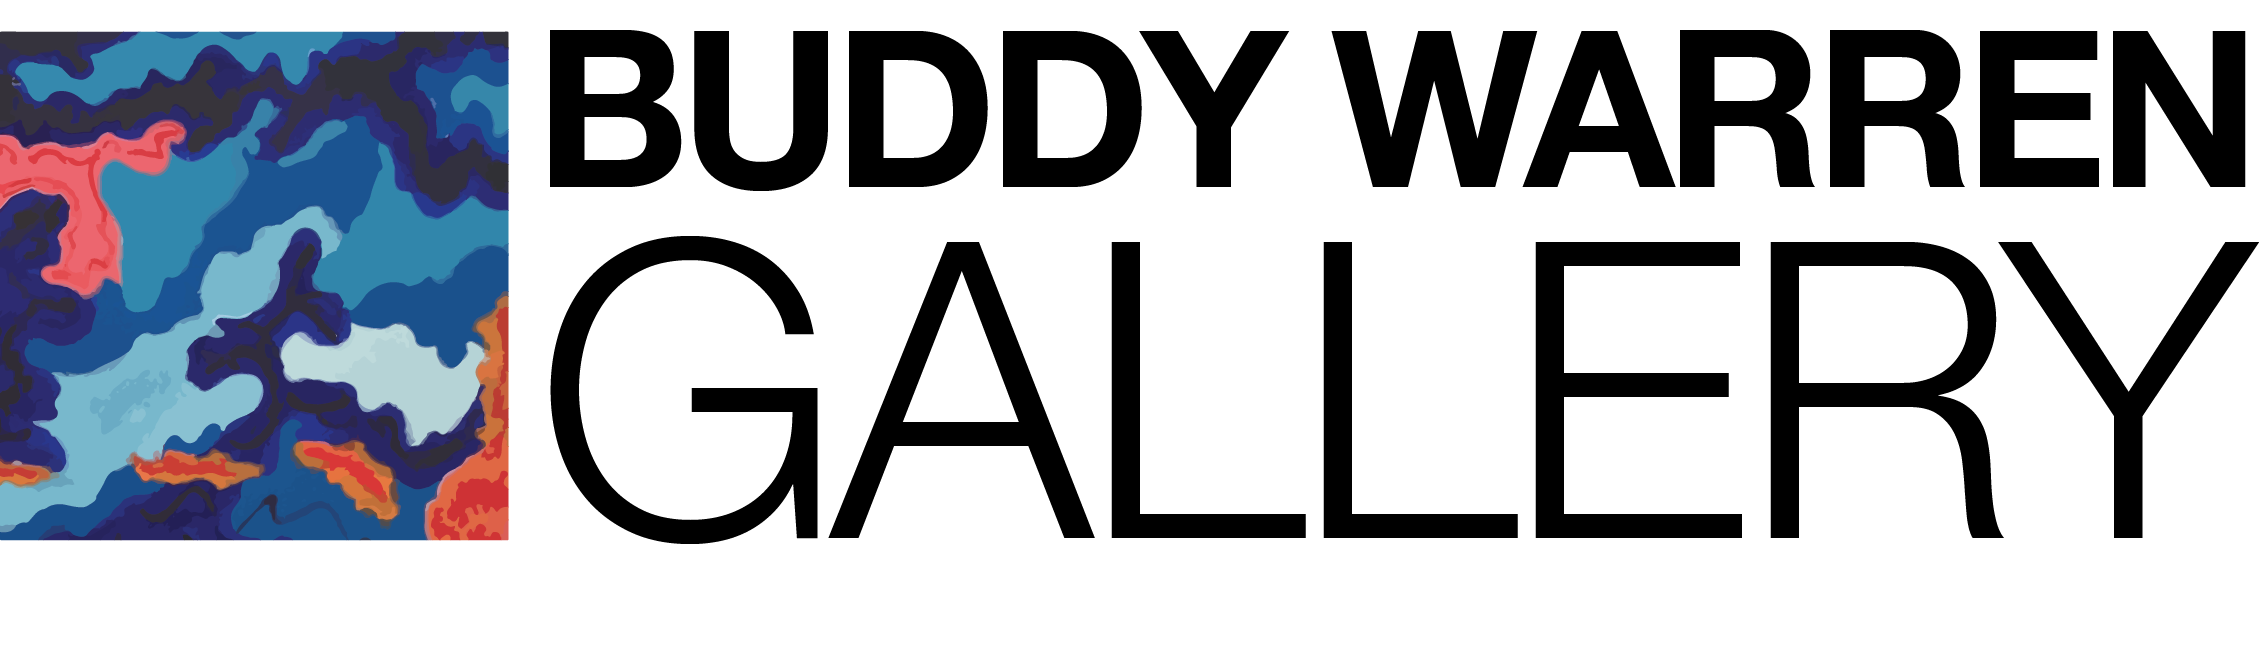 Full logo design